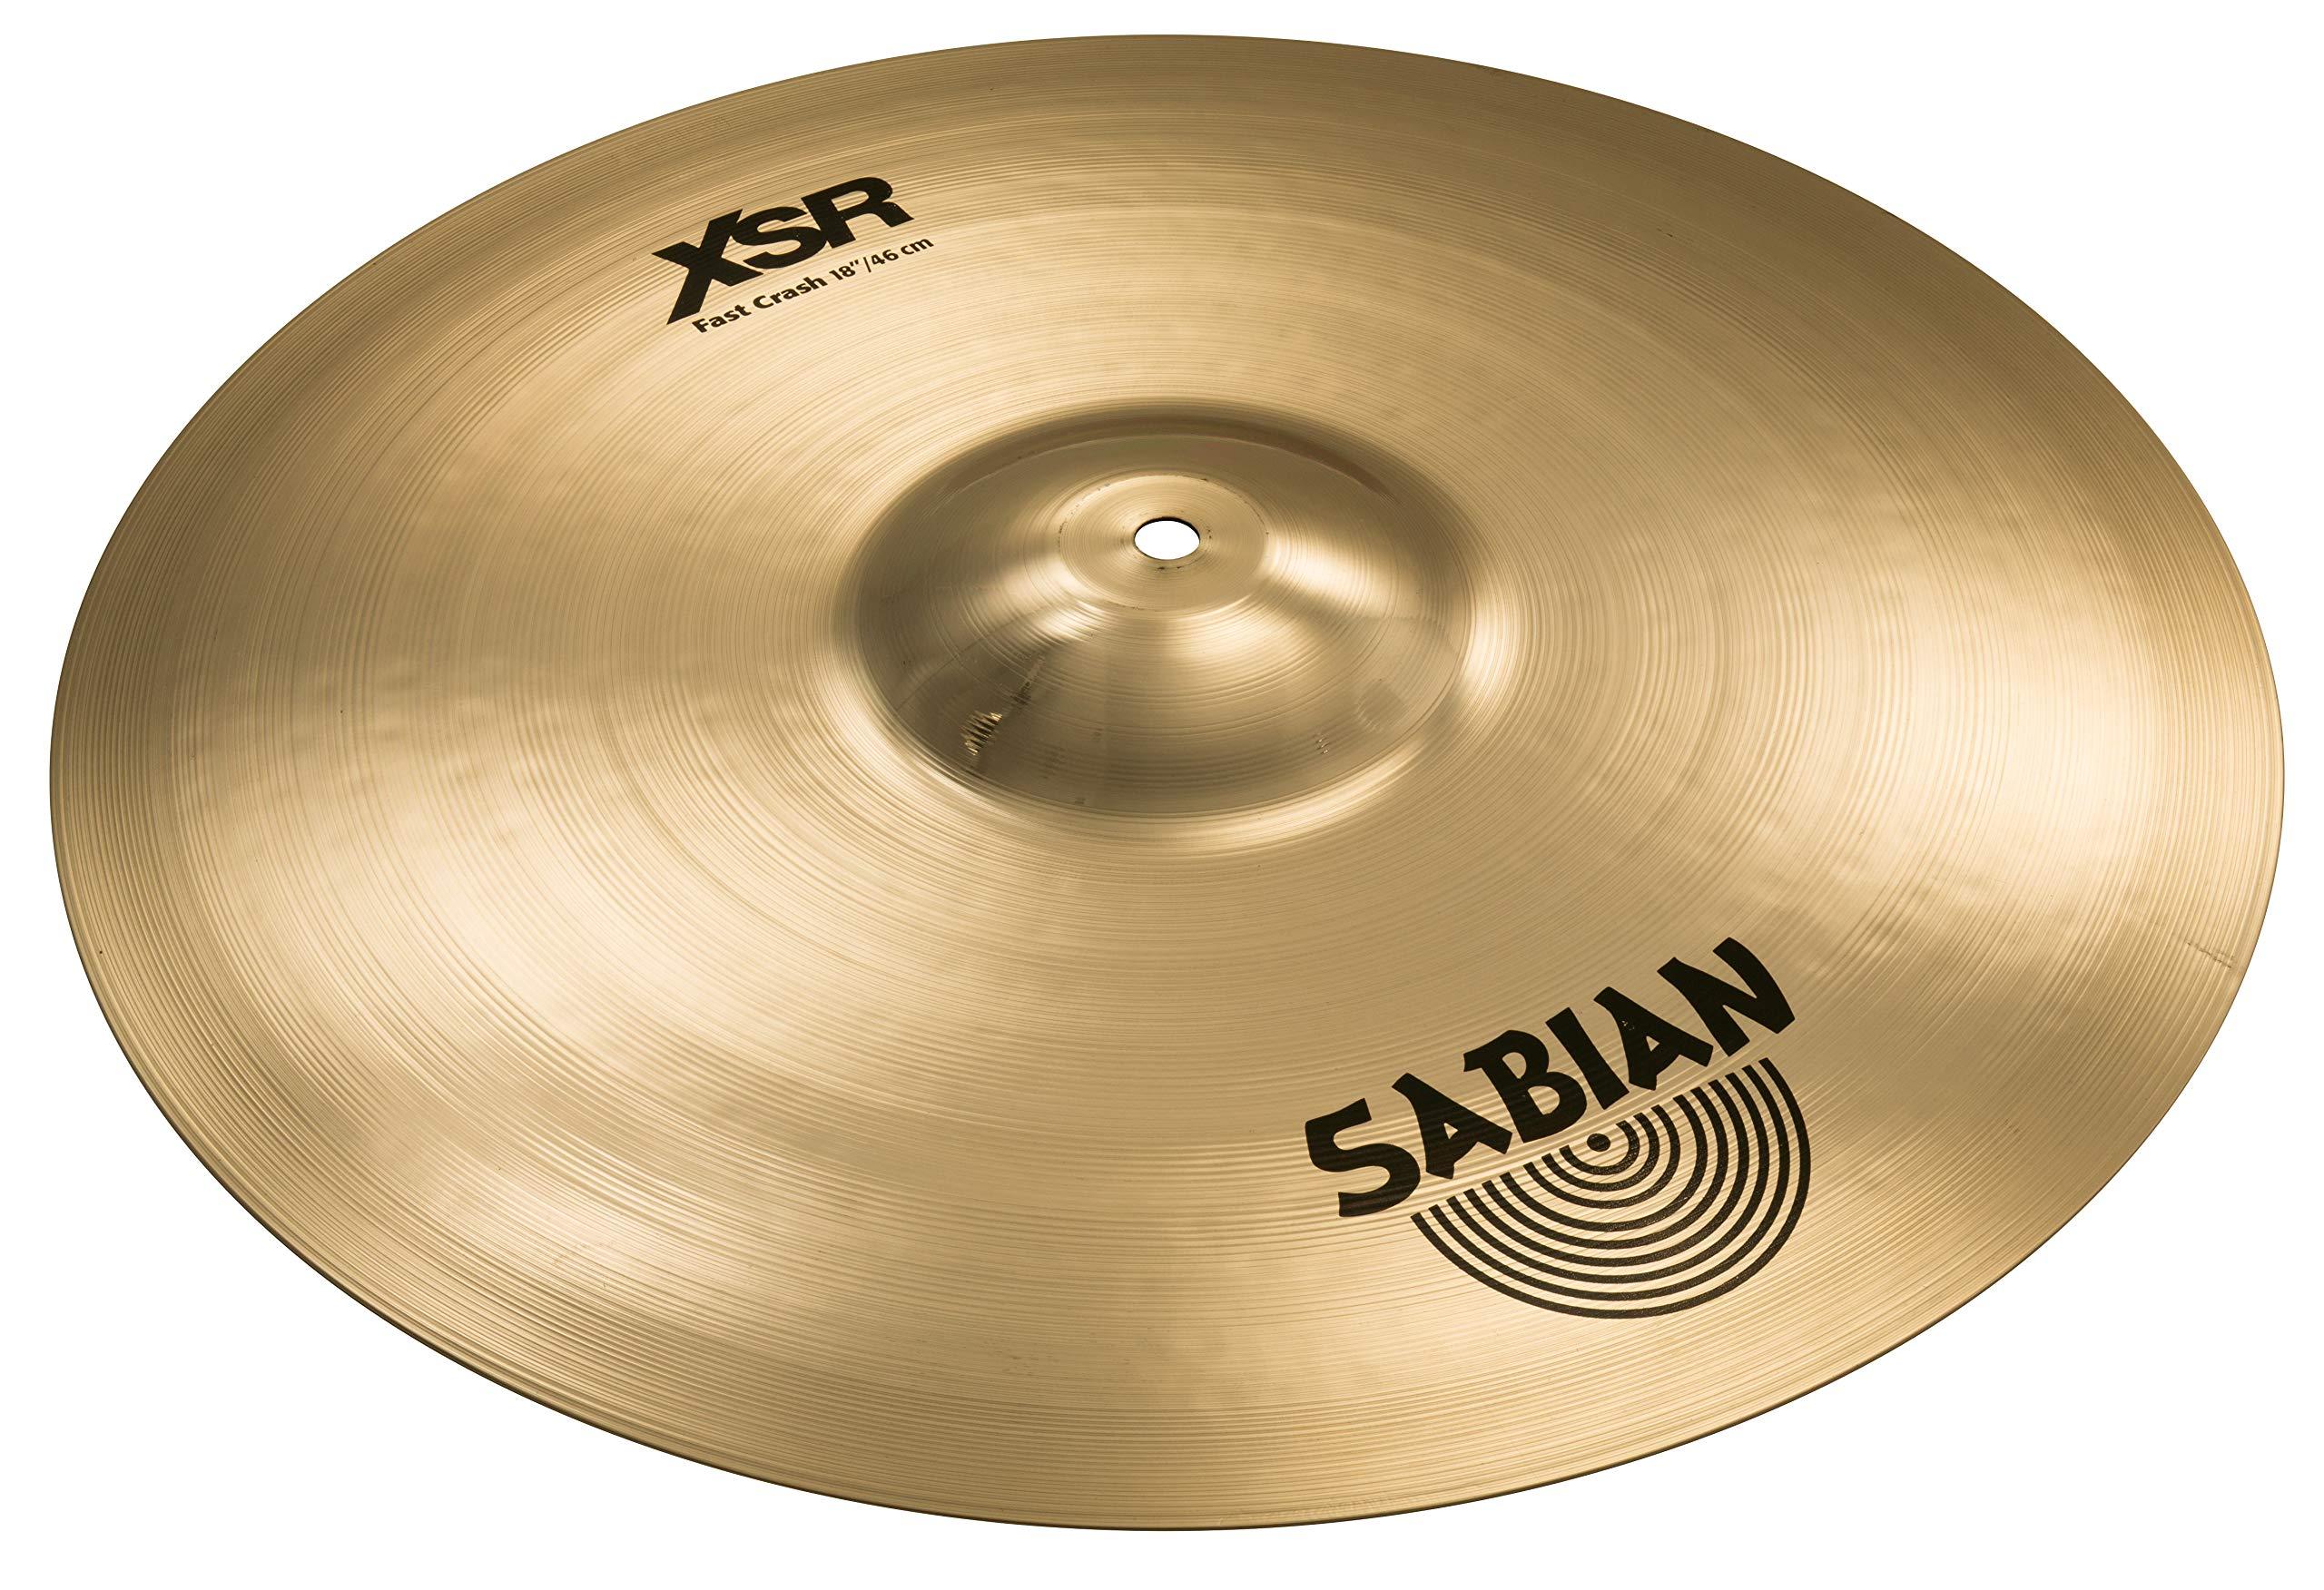 Sabian Crash Cymbal, inch (XSR1807B) by Sabian